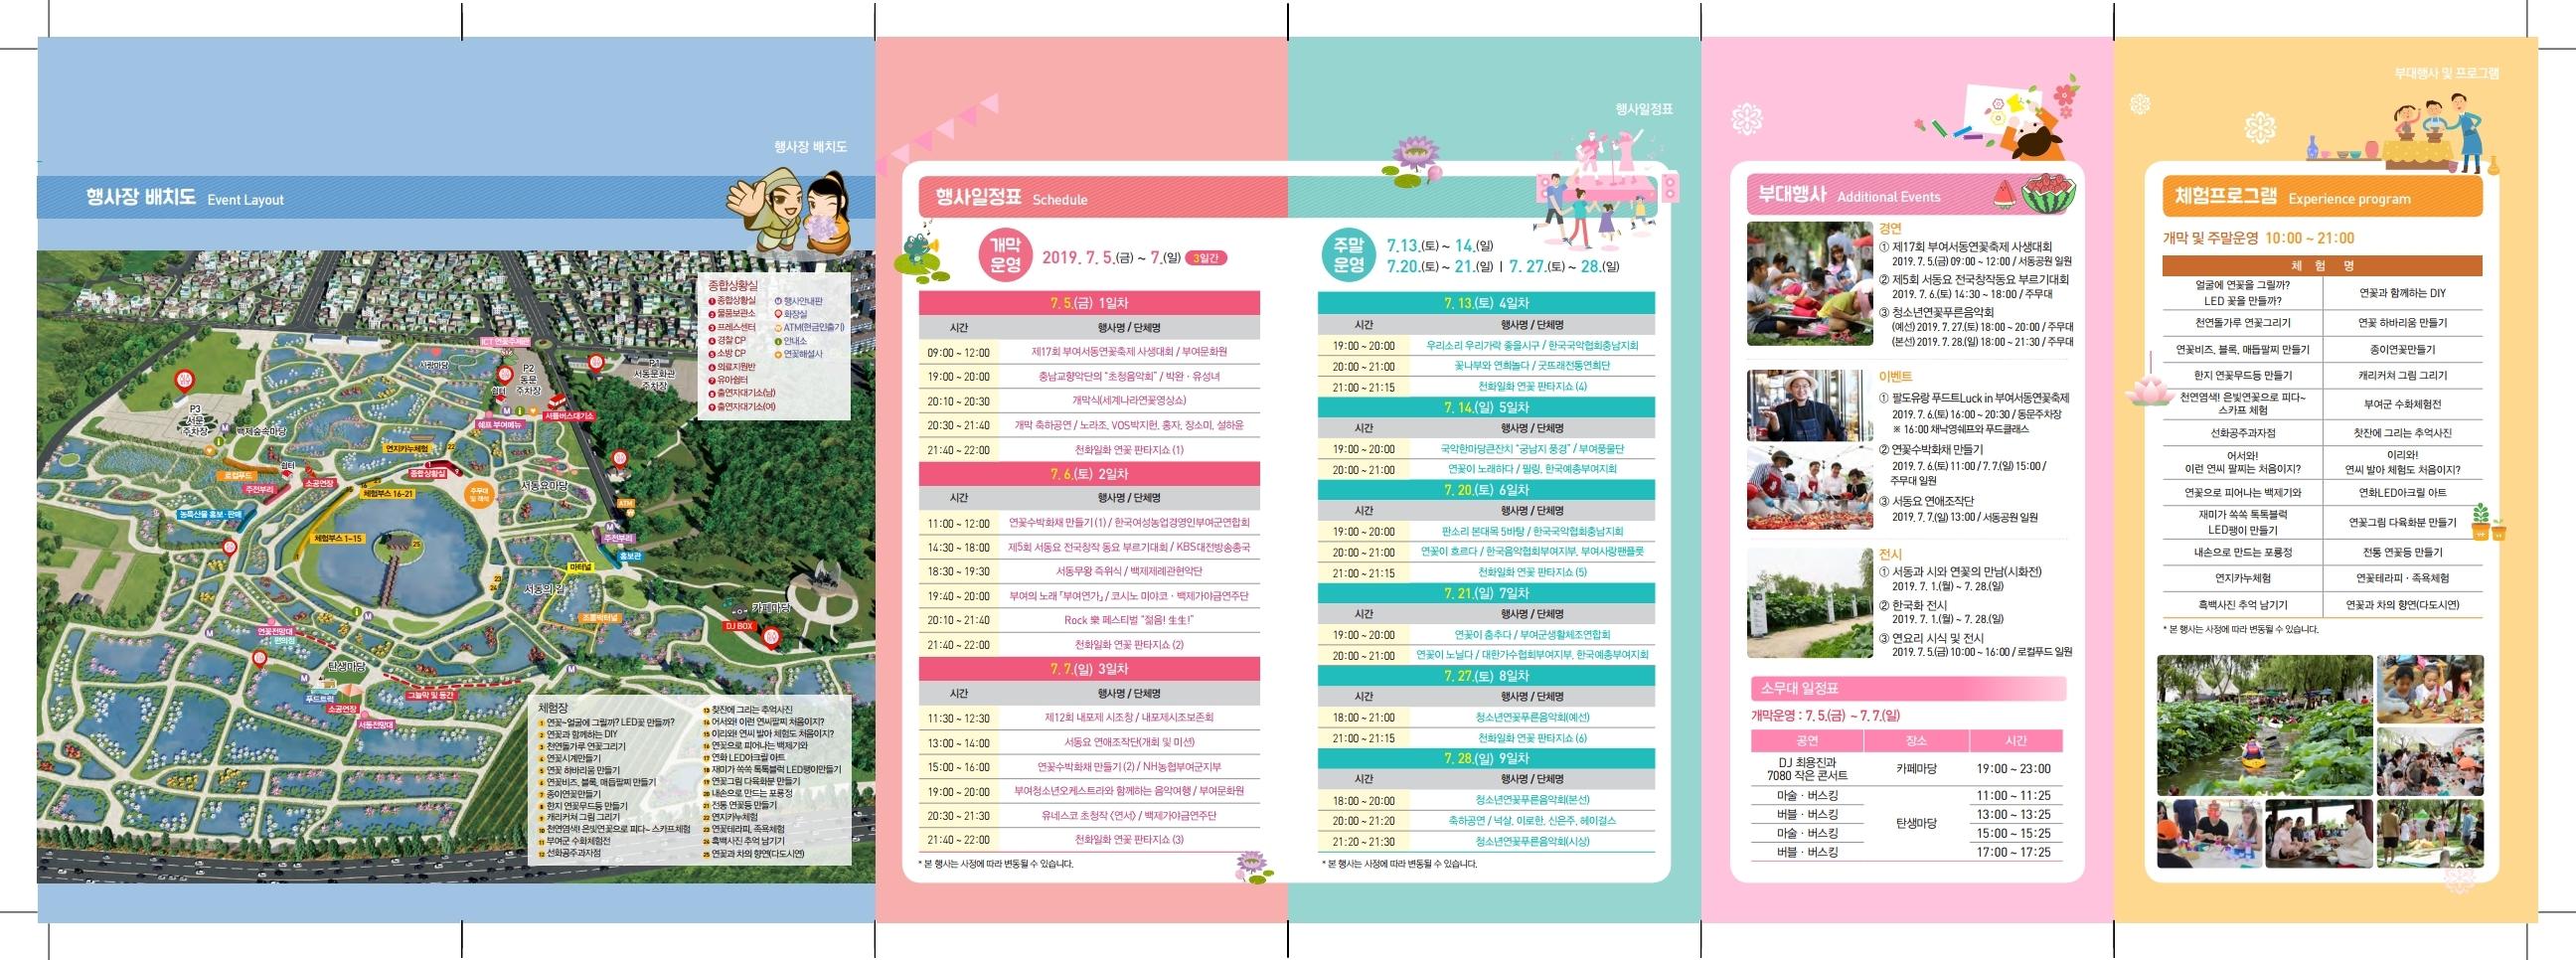 제17회 부여서동연꽃축제 리플릿.pdf_page_2.jpg